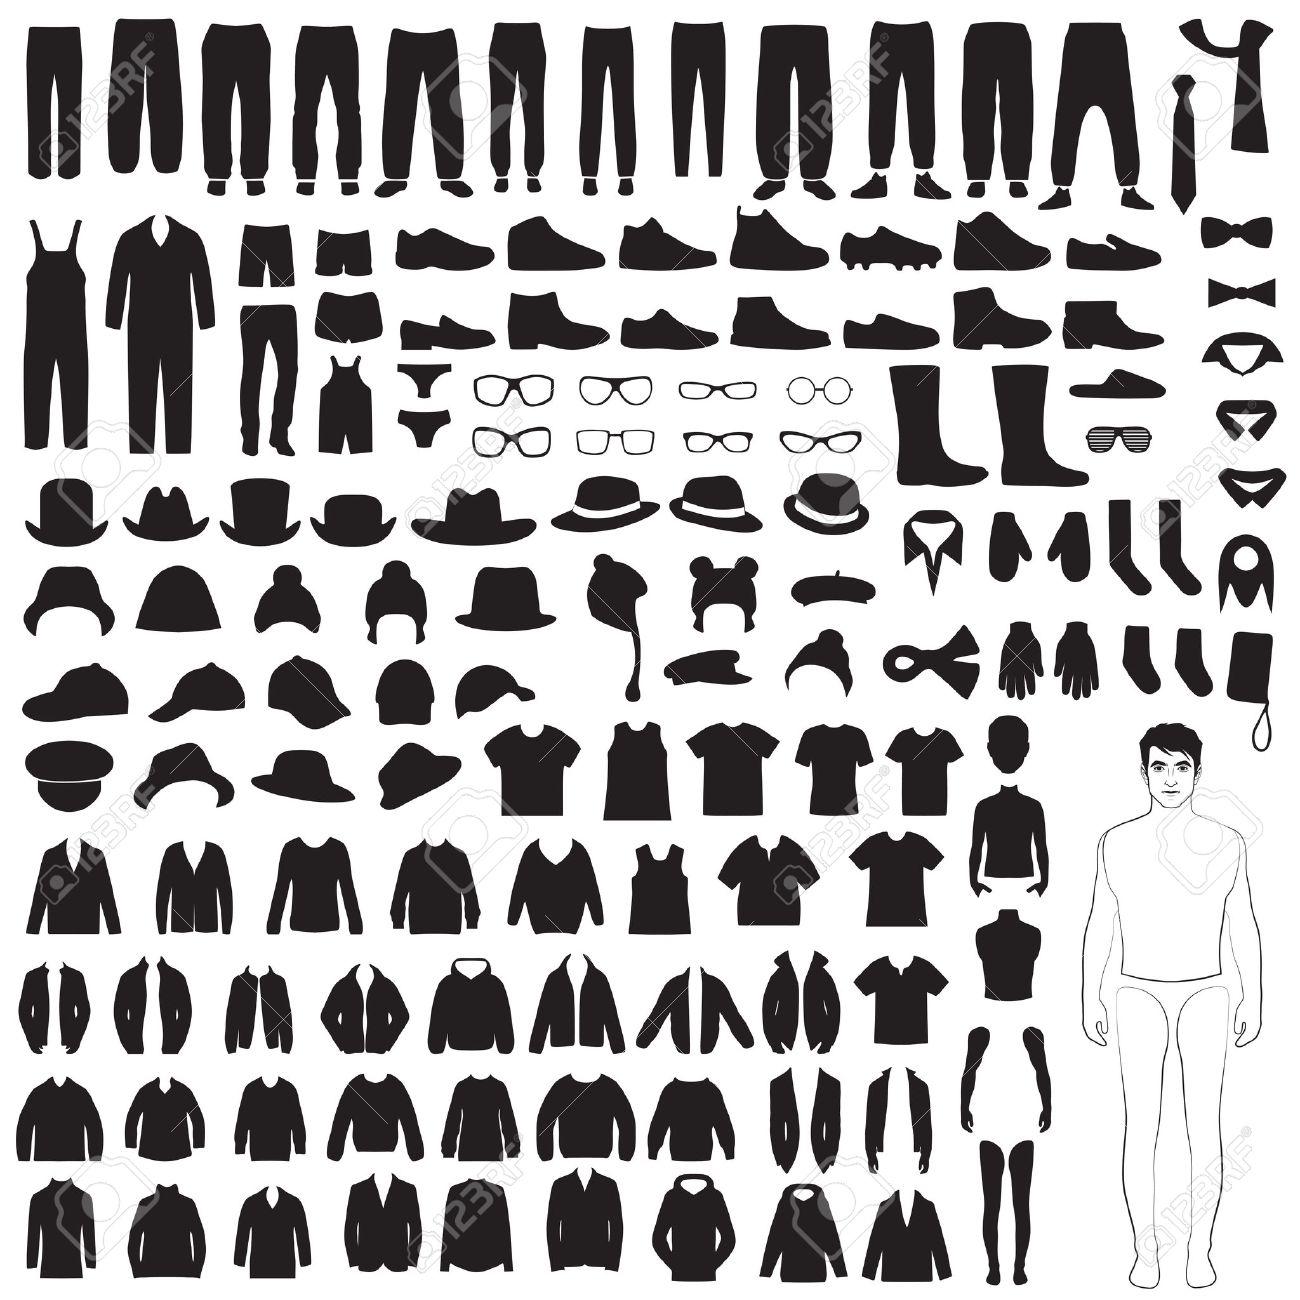 写真素材 , 男性ファッションのアイコン、紙人形、孤立した服のシルエット